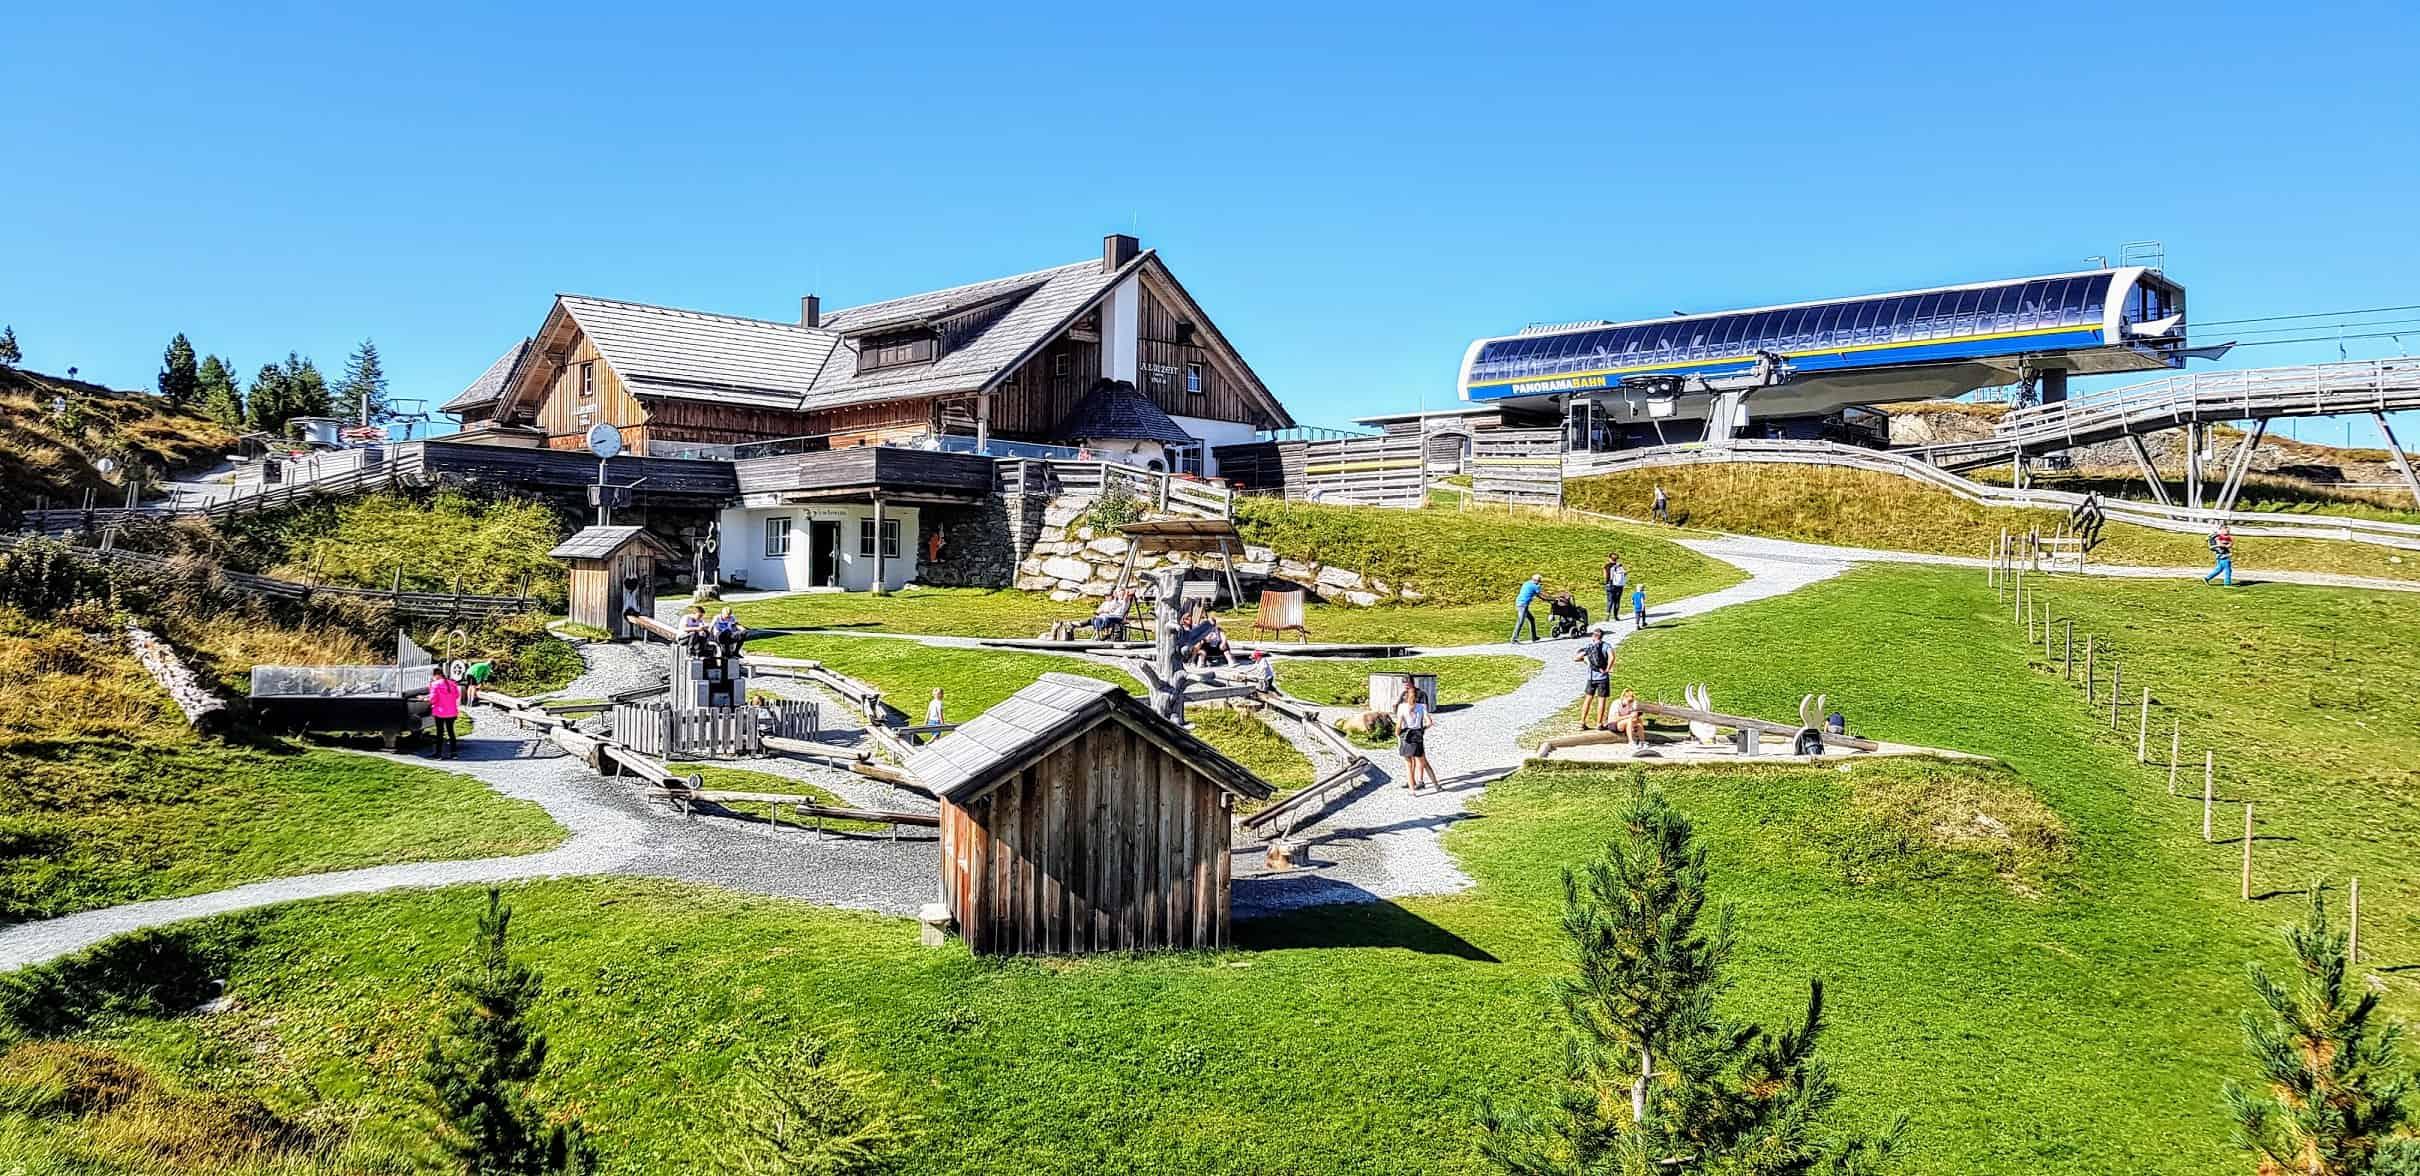 Erlebniswelt Nockys Almzeit mit Bergbahn Panoramabahn vom Nocky Flitzer und Almzeit-Hütte auf der Turracher Höhe - Kärnten Österreich